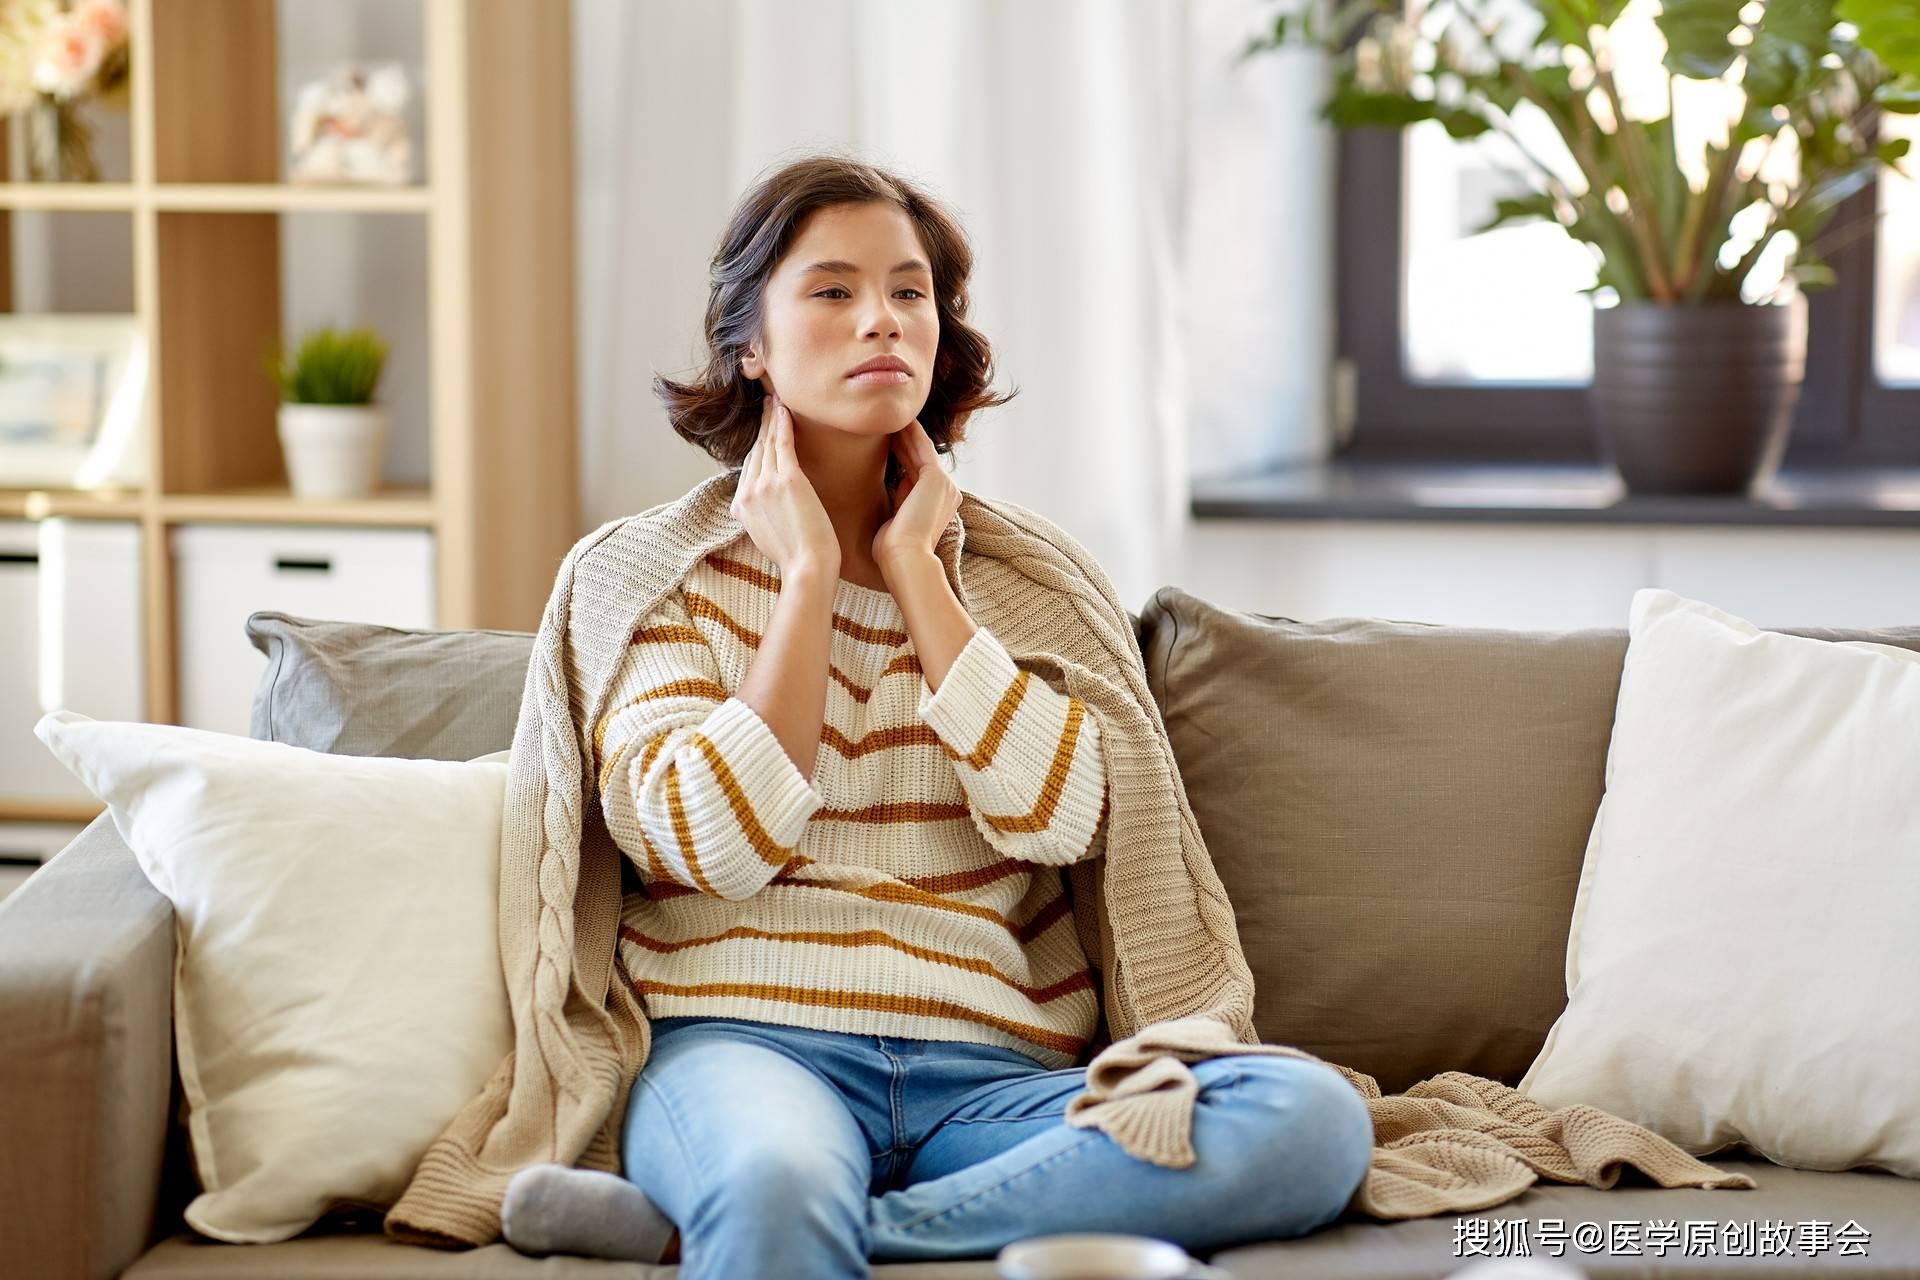 这两个部位如有结节,一定要及时治疗,时间久了容易发生恶变